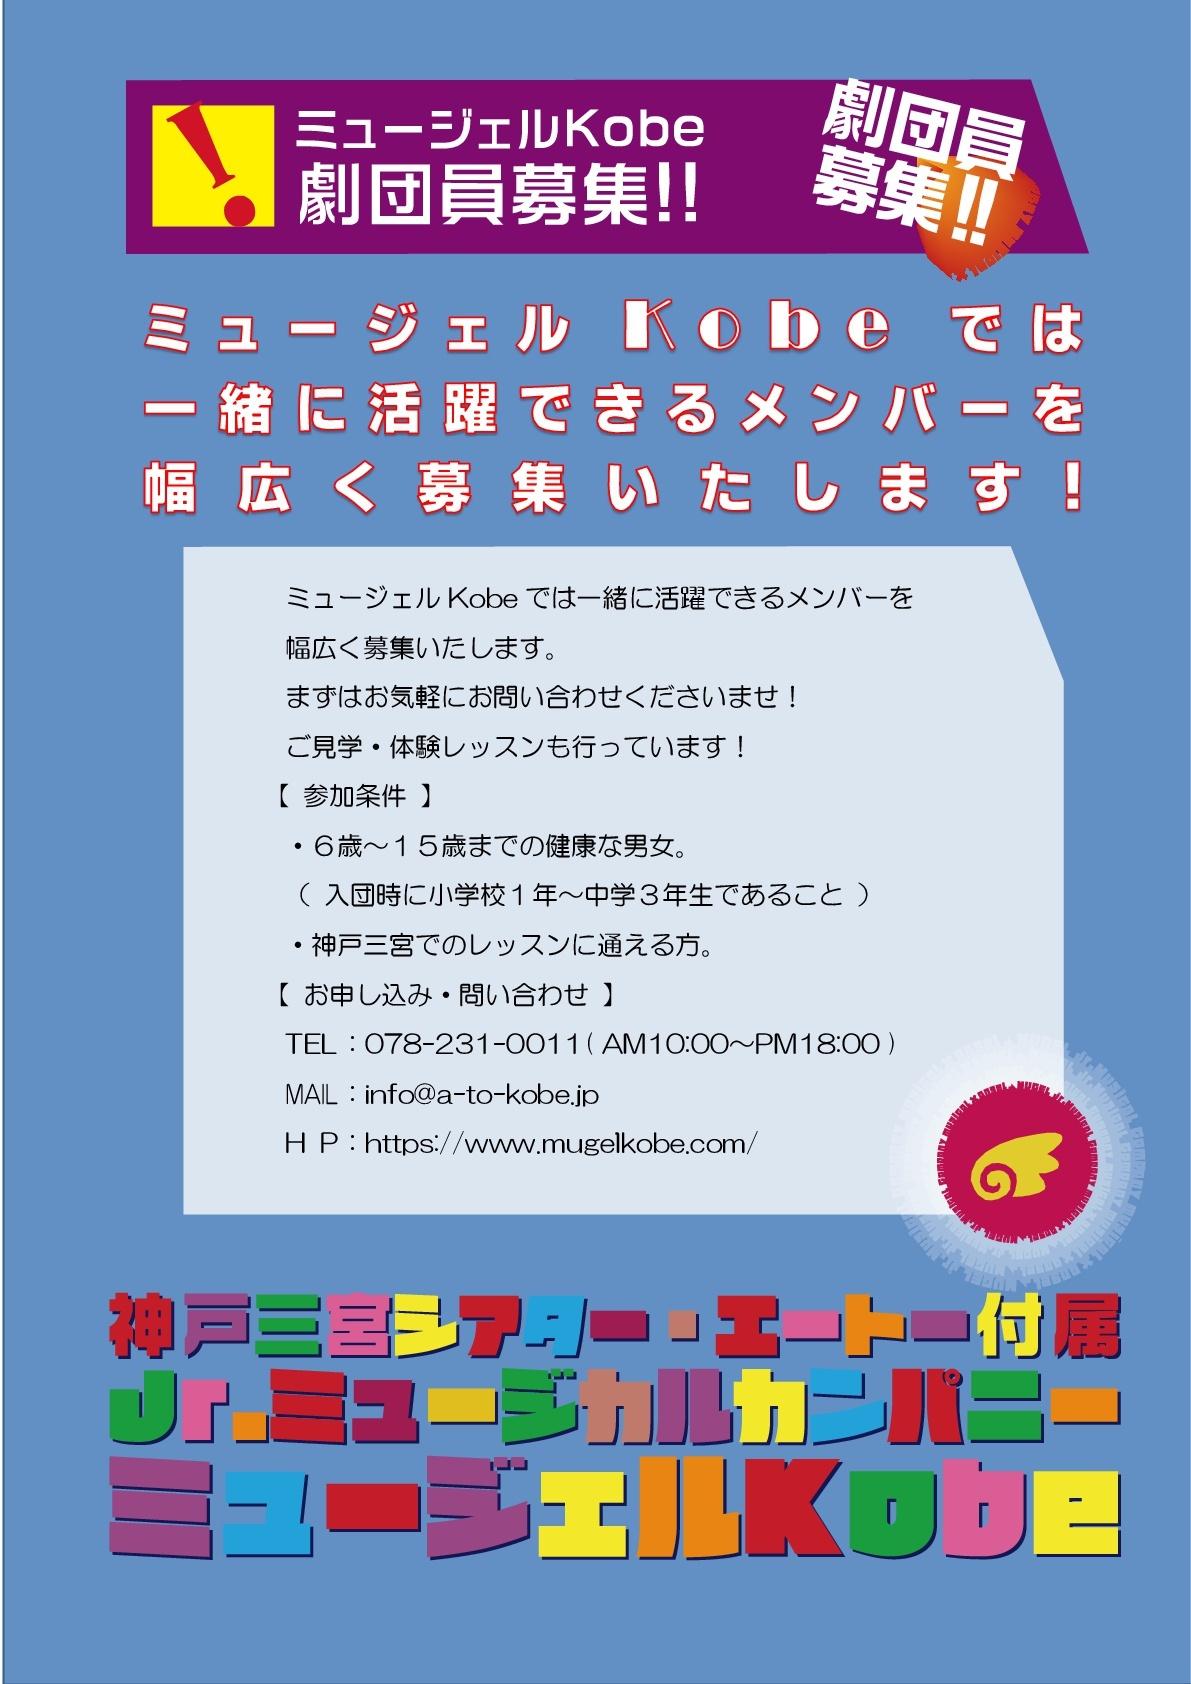 ジュニア.ミュージカル劇団『ミュージェルKobe』劇団員募集_c0330019_16414326.jpg